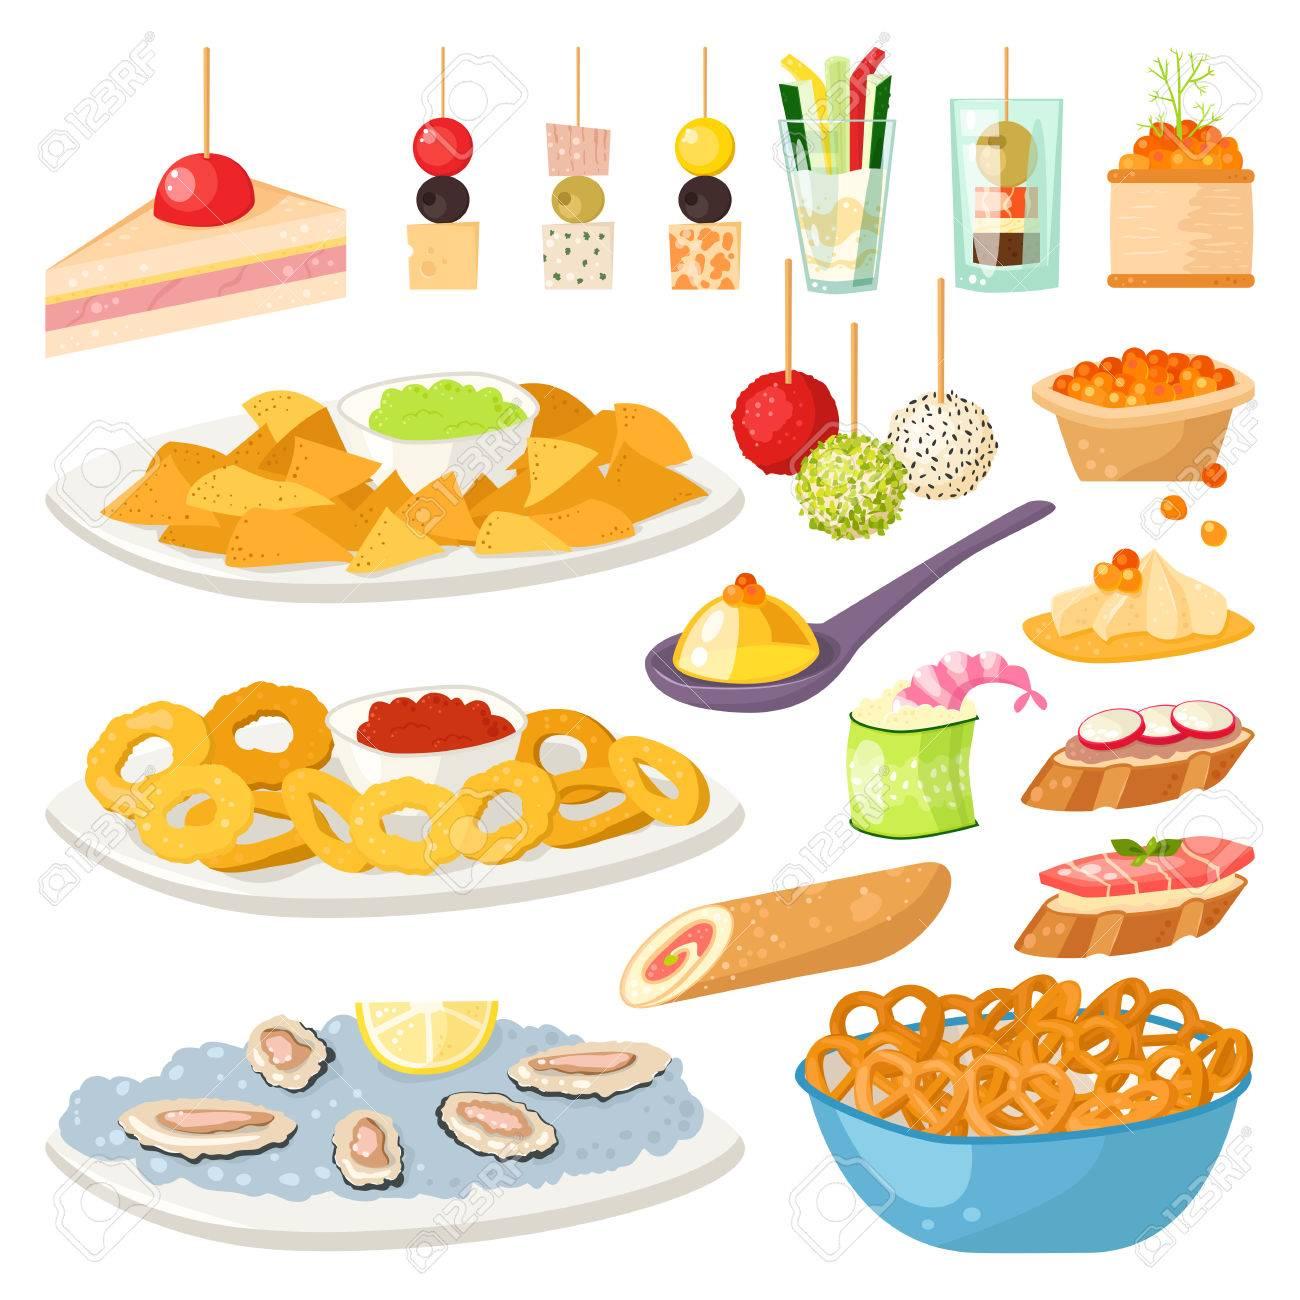 様々 な肉魚およびチーズはバンケット宴会大皿軽食ですカナッペ